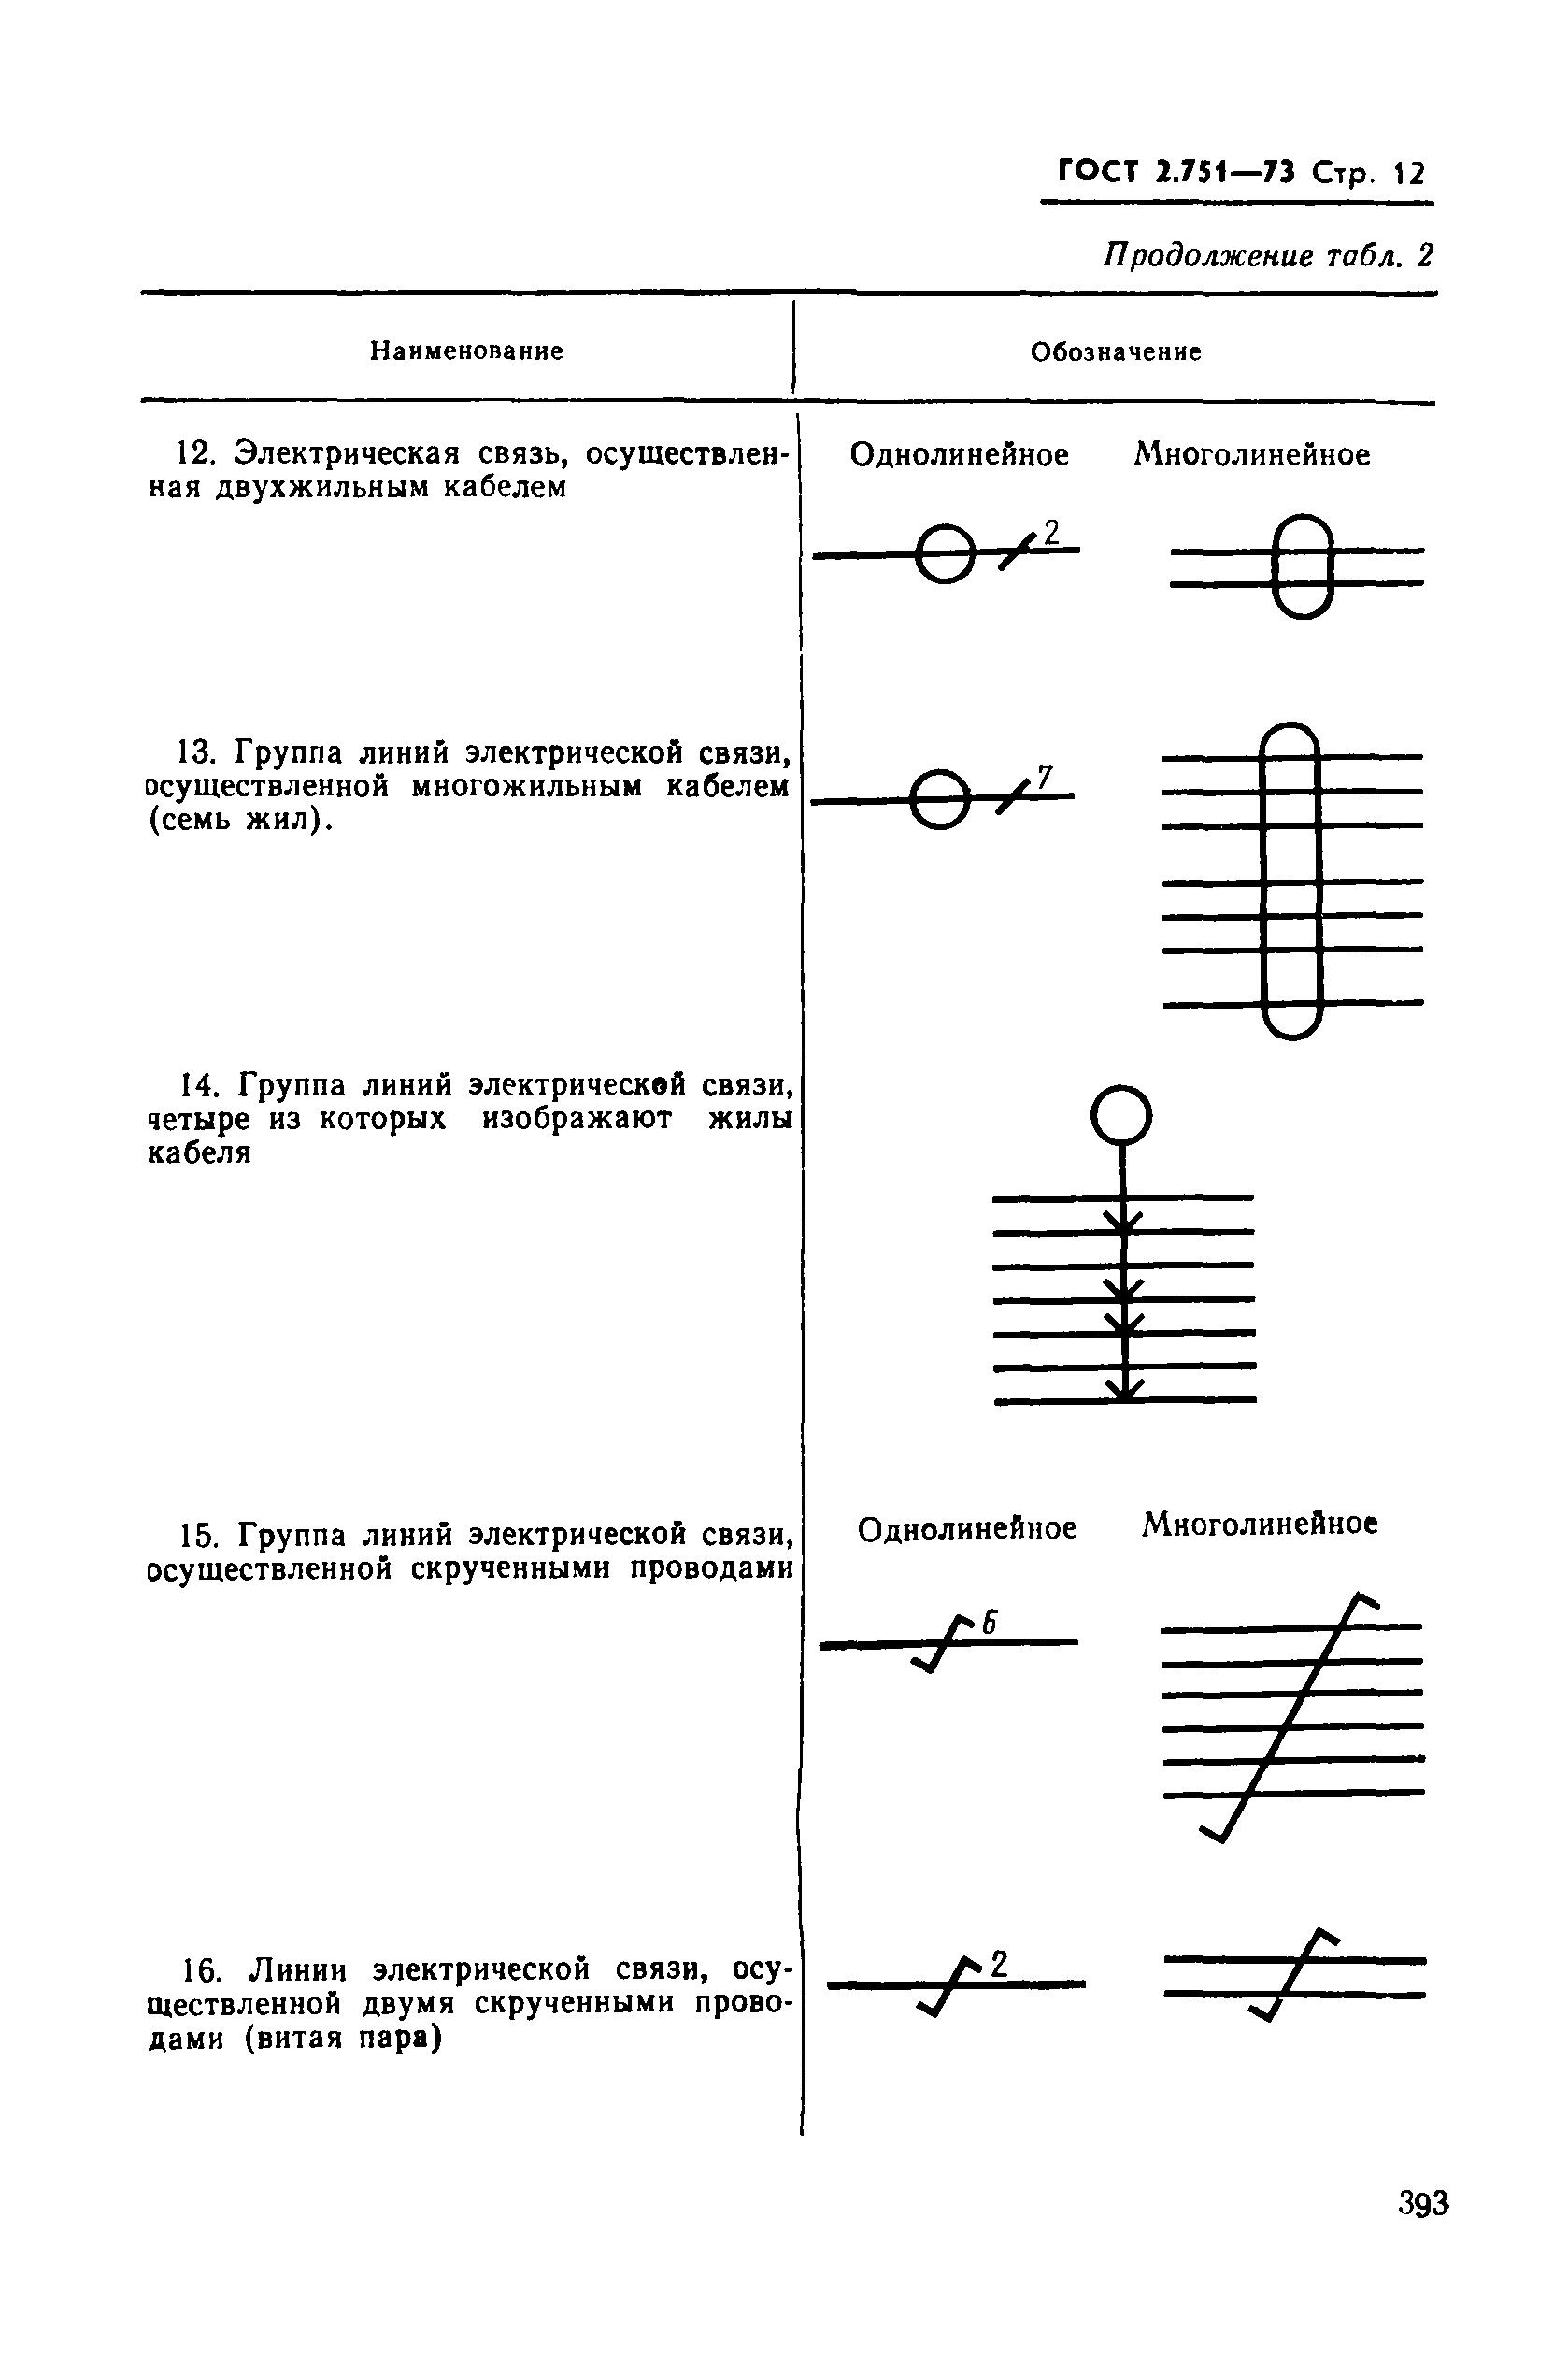 Обозначение витой пары на схемах